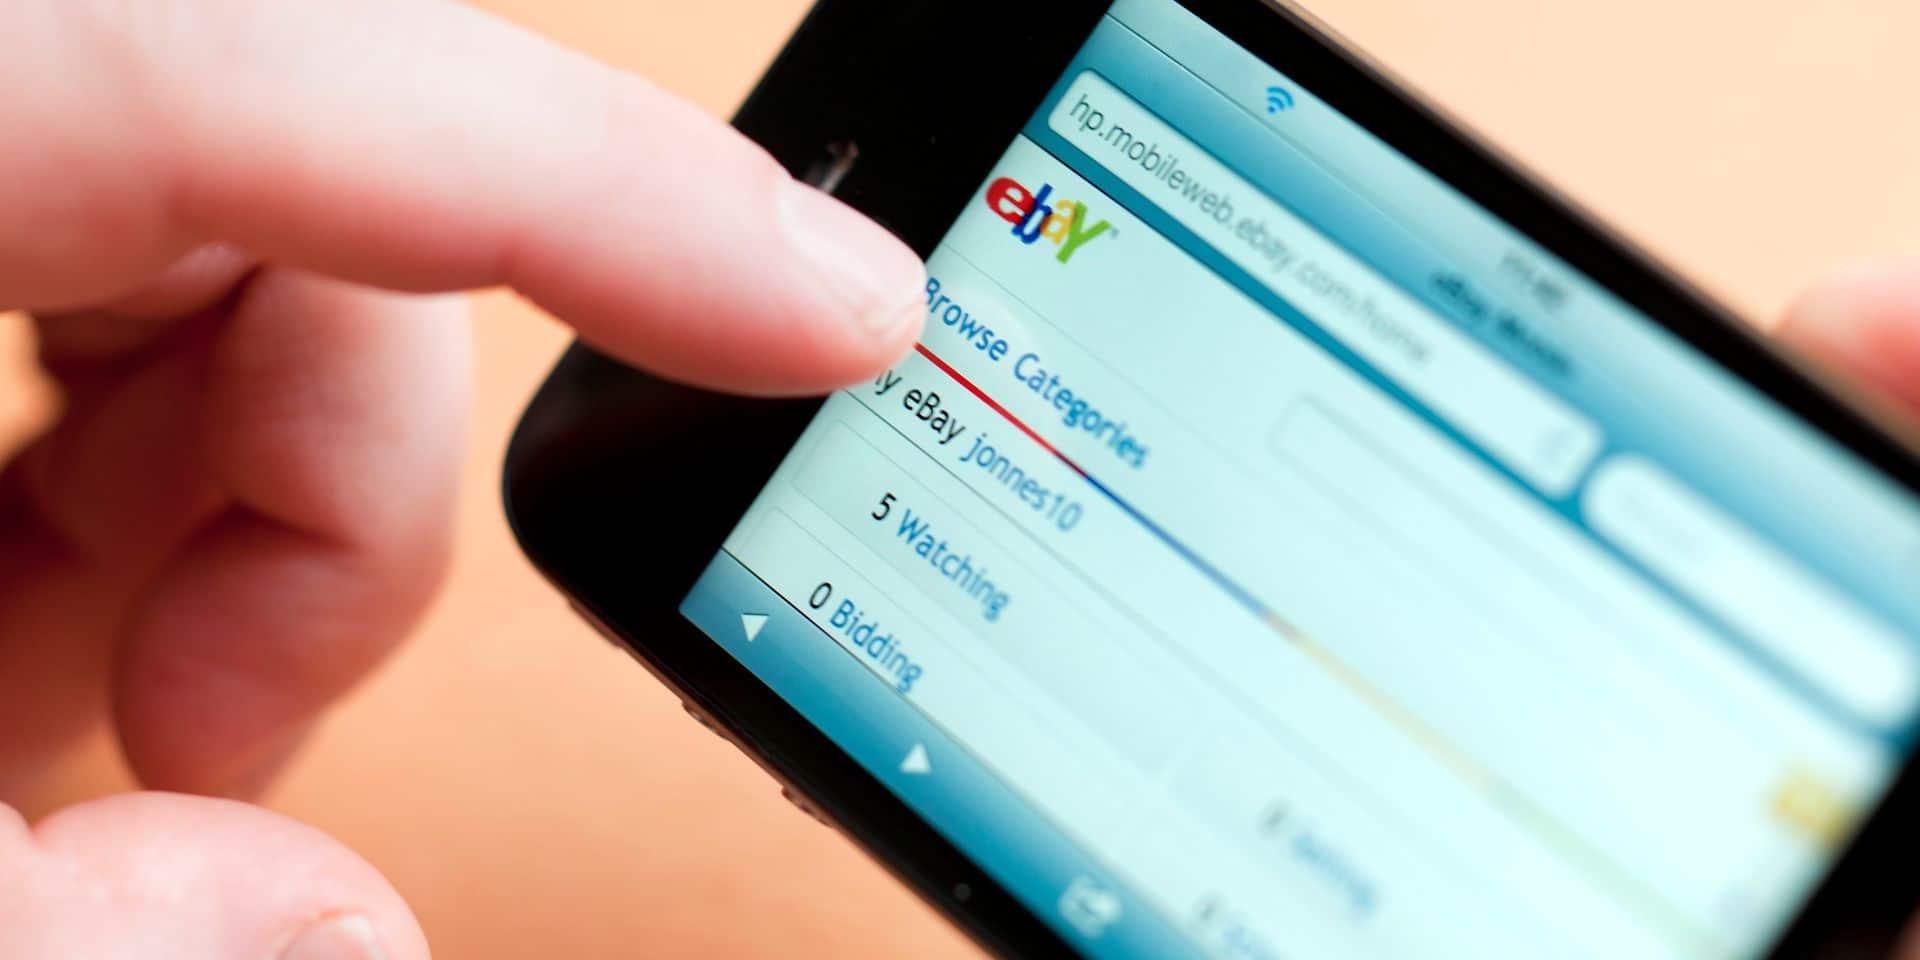 Naissance du numéro 1 des annonces en ligne: la maison mère de Leboncoin rachète les actifs d'eBay